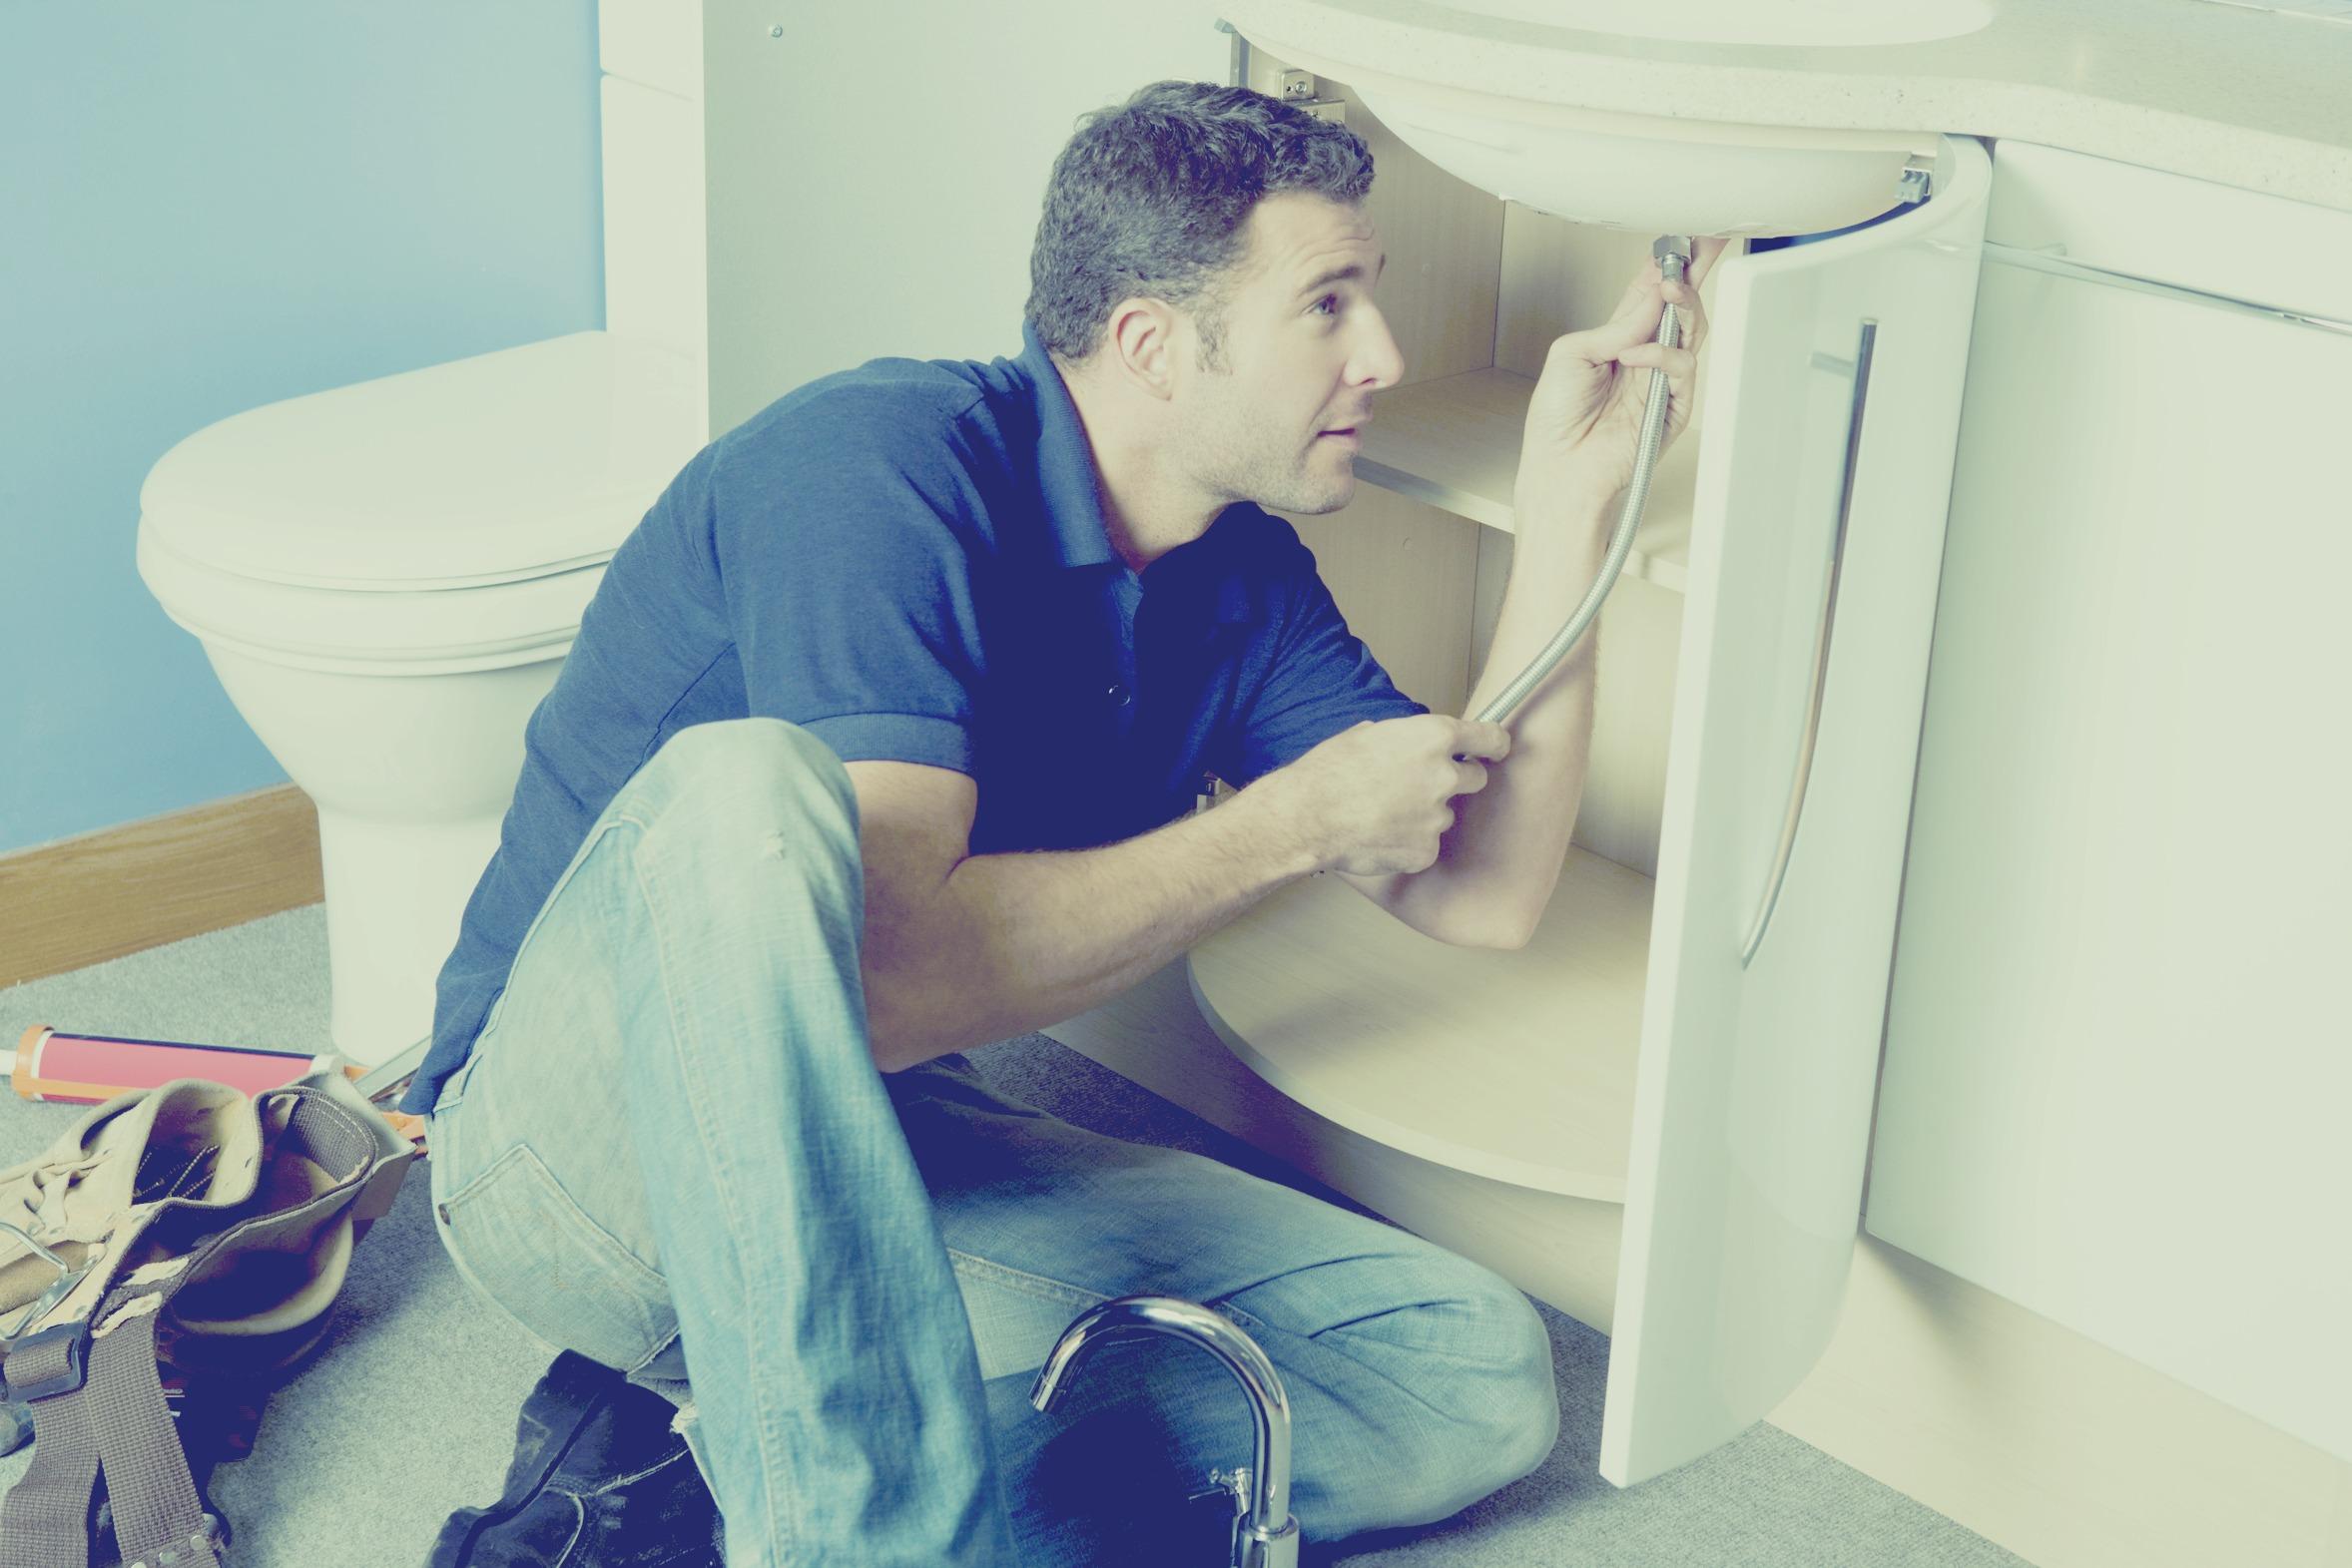 qui appeler pour un d pannage en plomberie. Black Bedroom Furniture Sets. Home Design Ideas